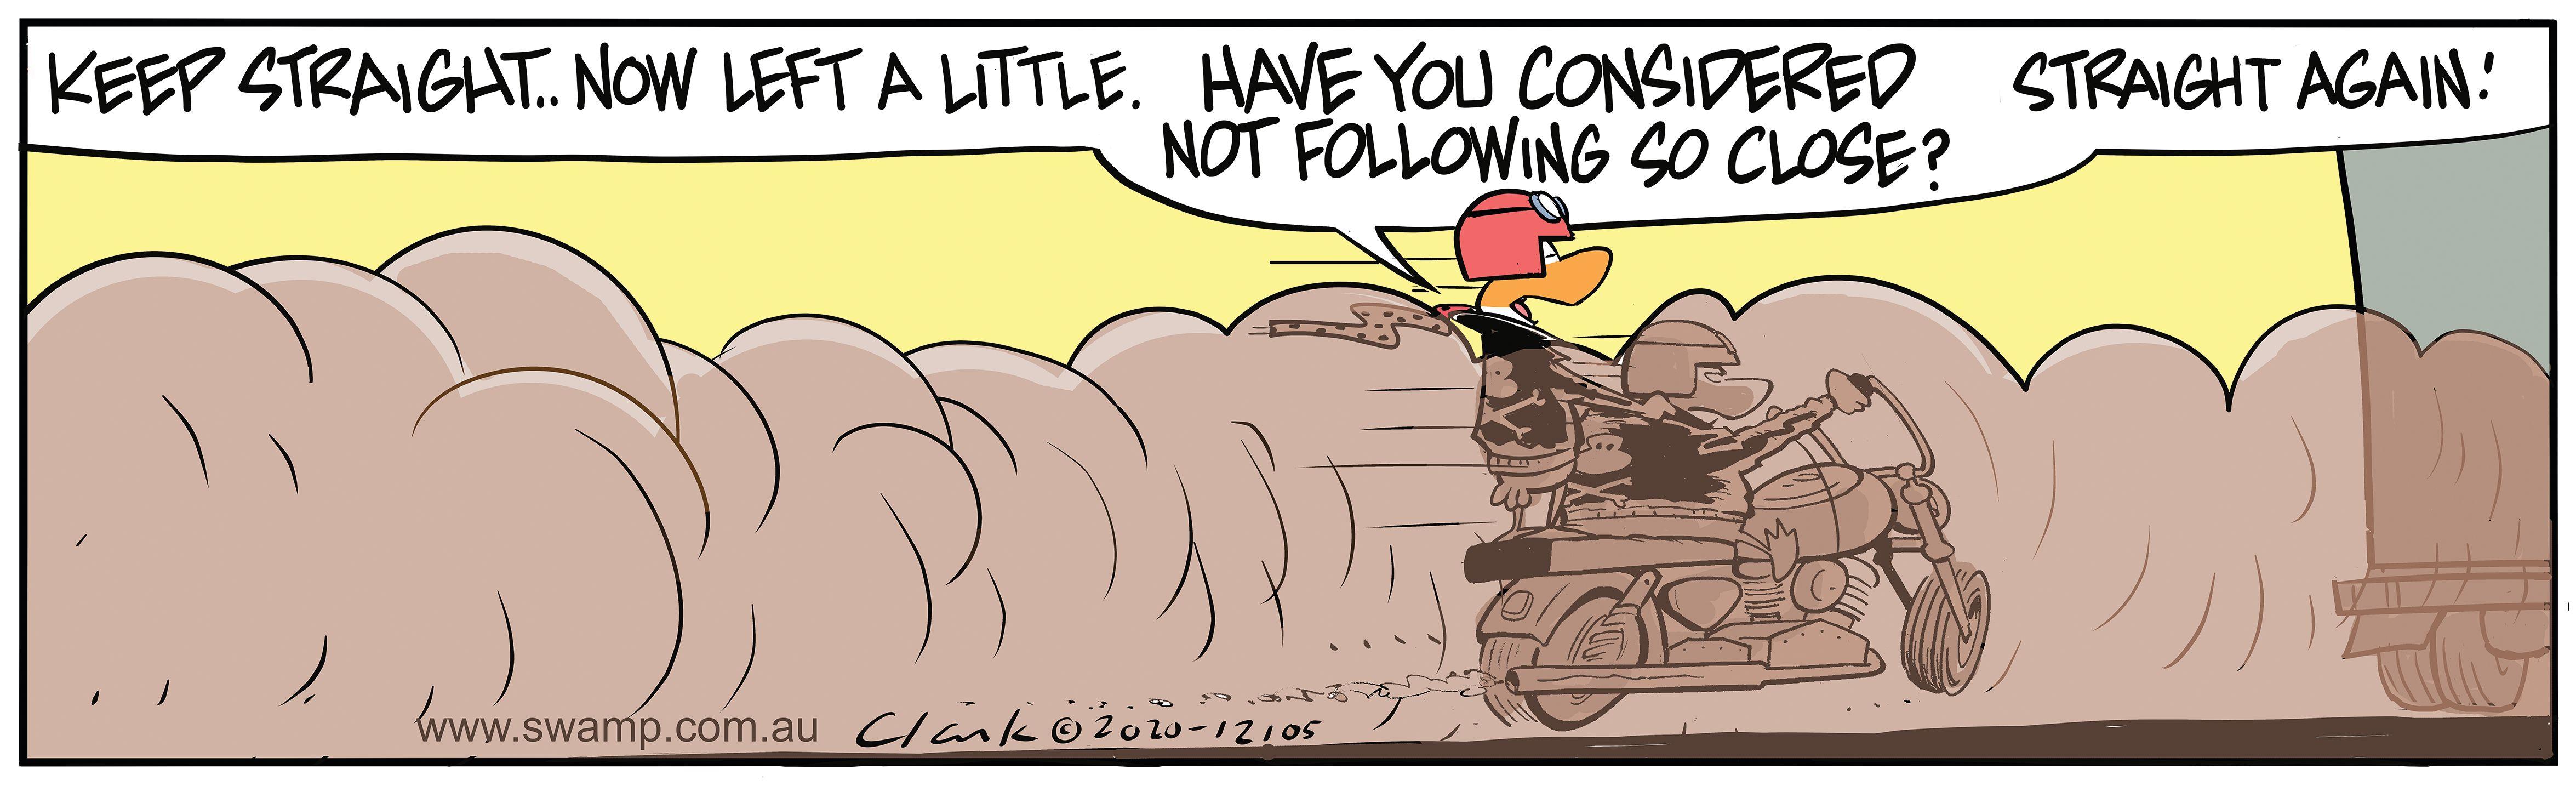 Wild Ducks Keep Straight